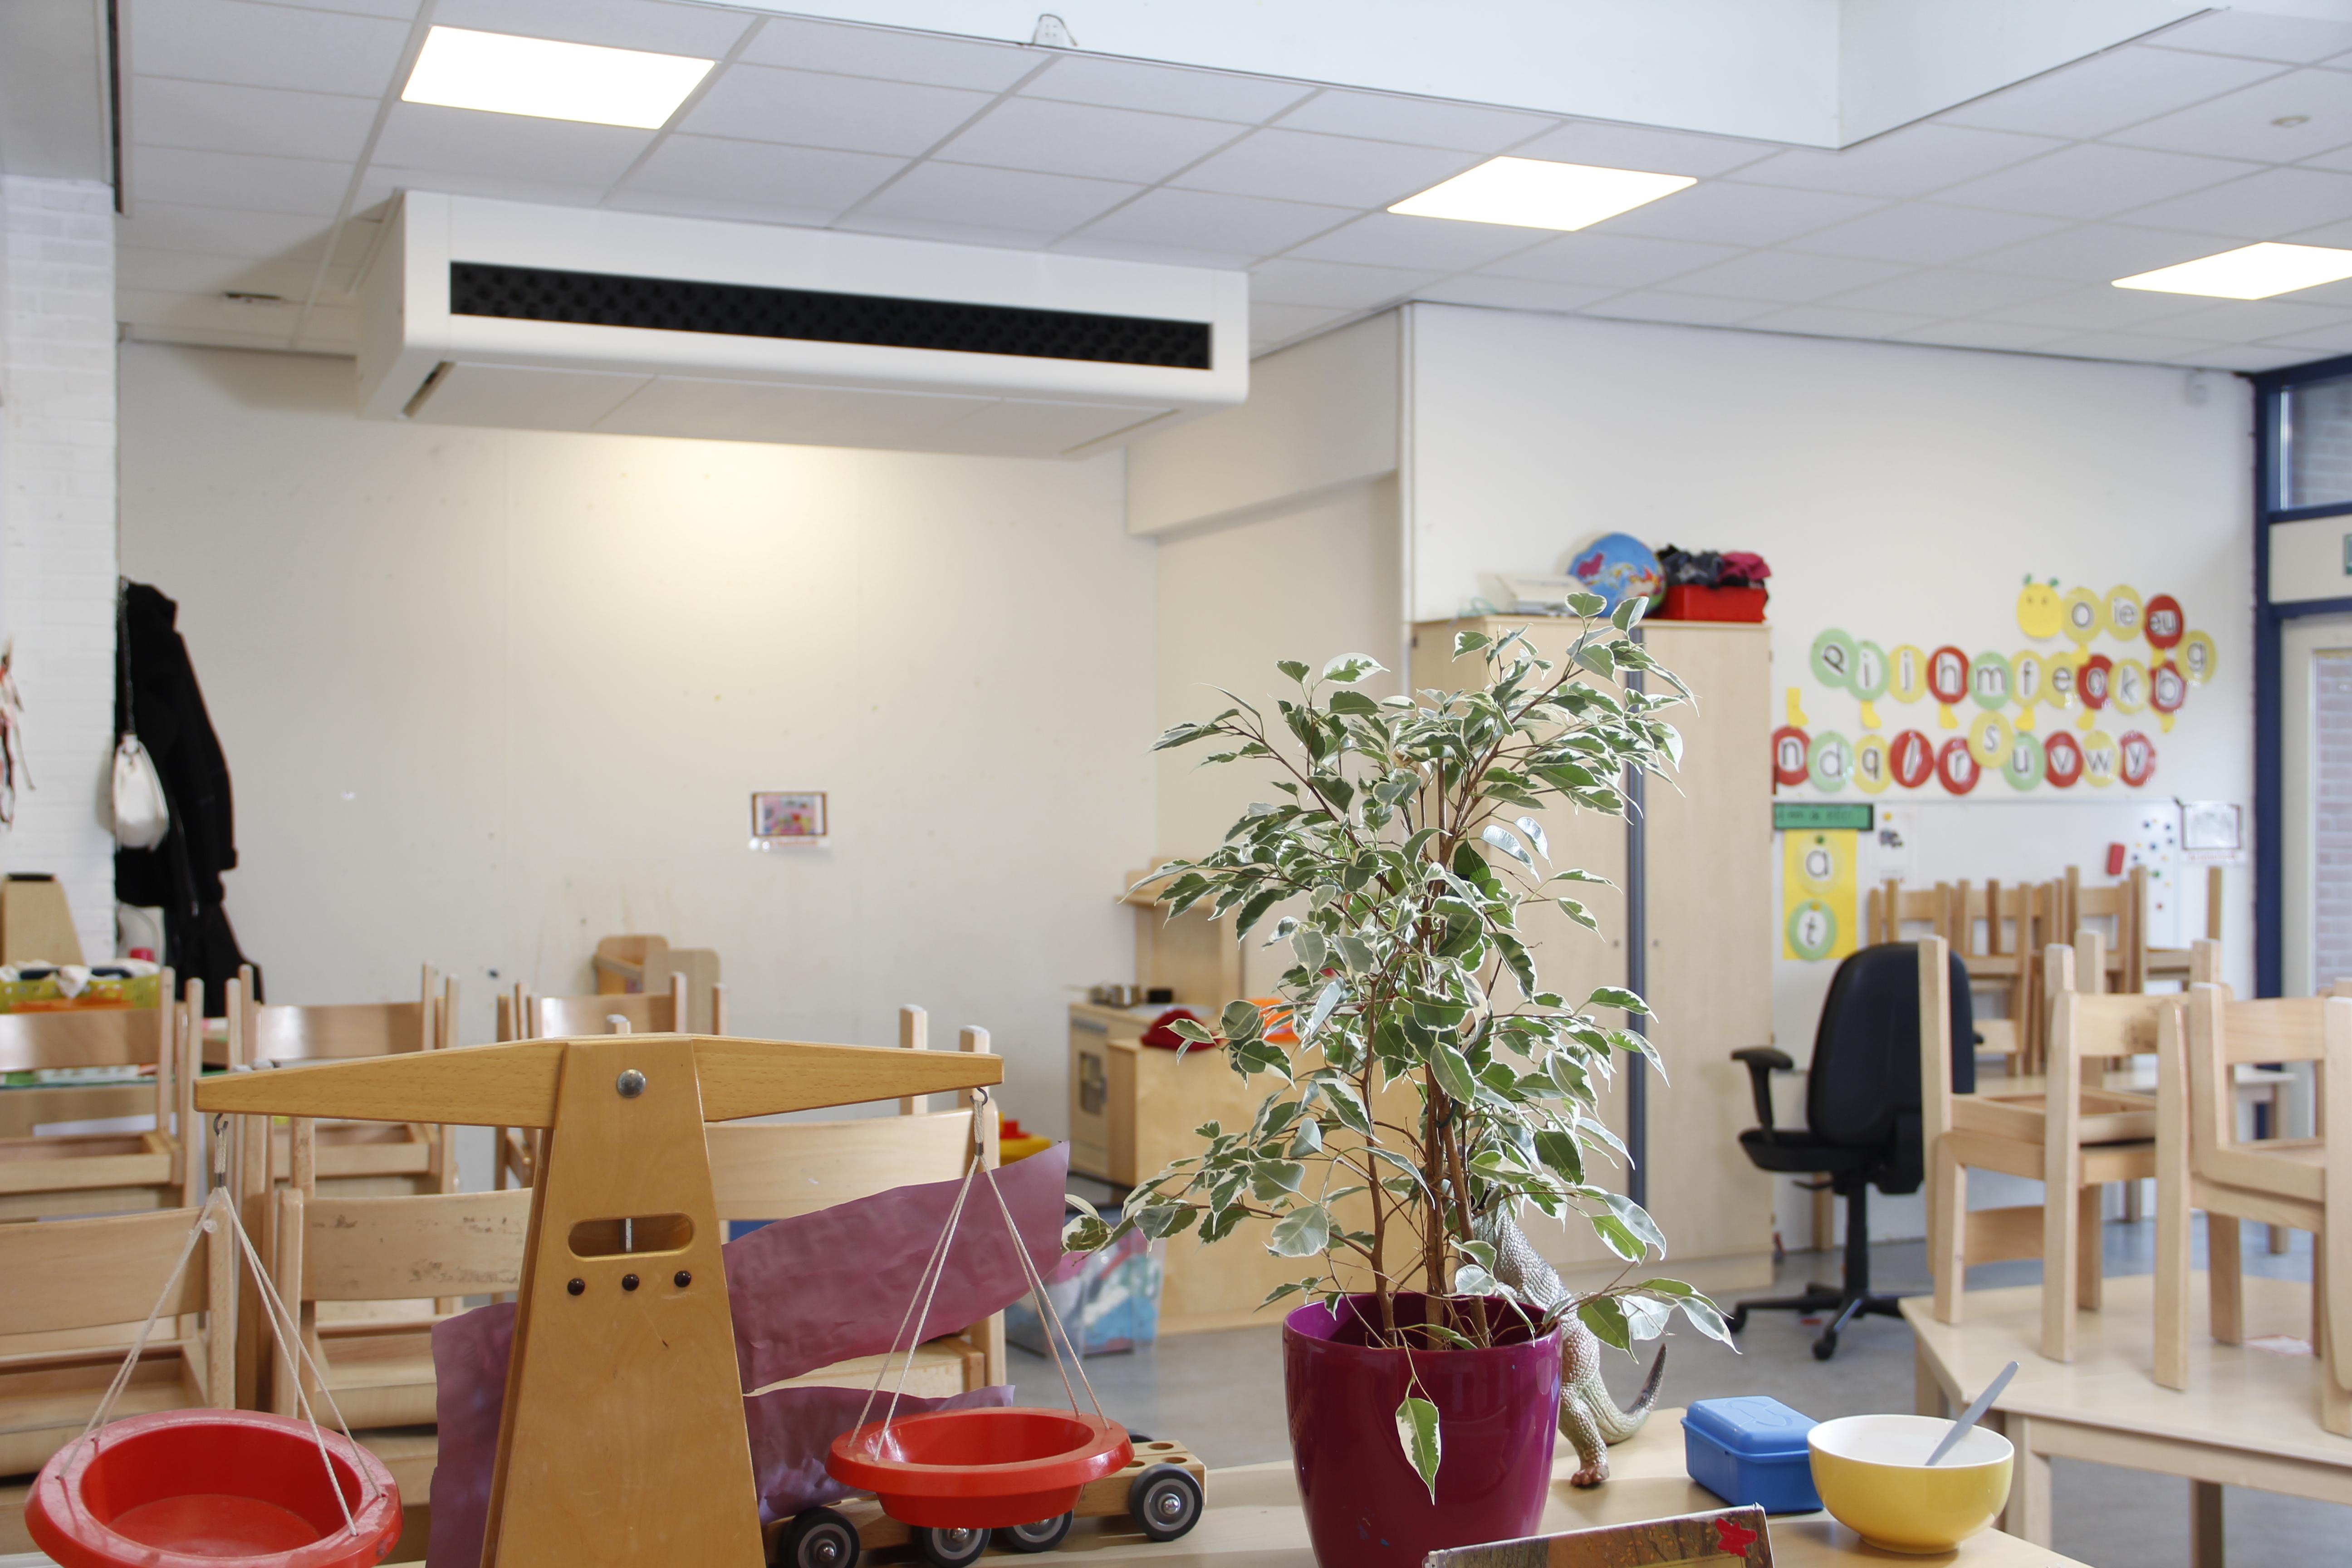 Ned Air schoolventilatiesysteem EduComfort 950 in Klaslokaal